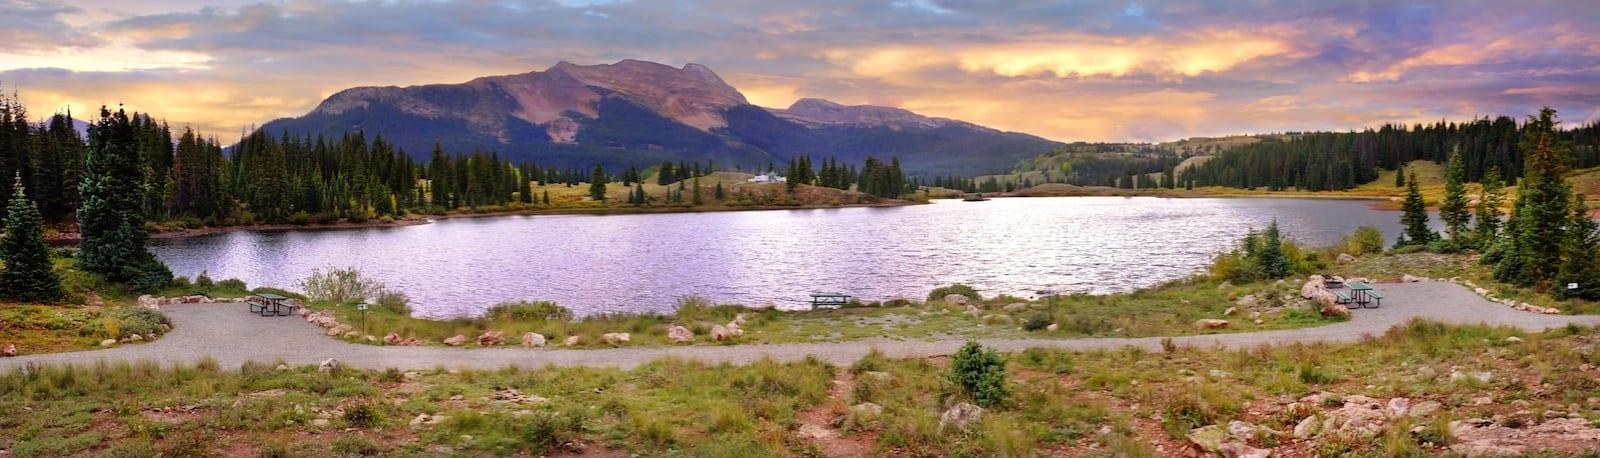 Molas Lake Silverton Colorado Sunset Panorama